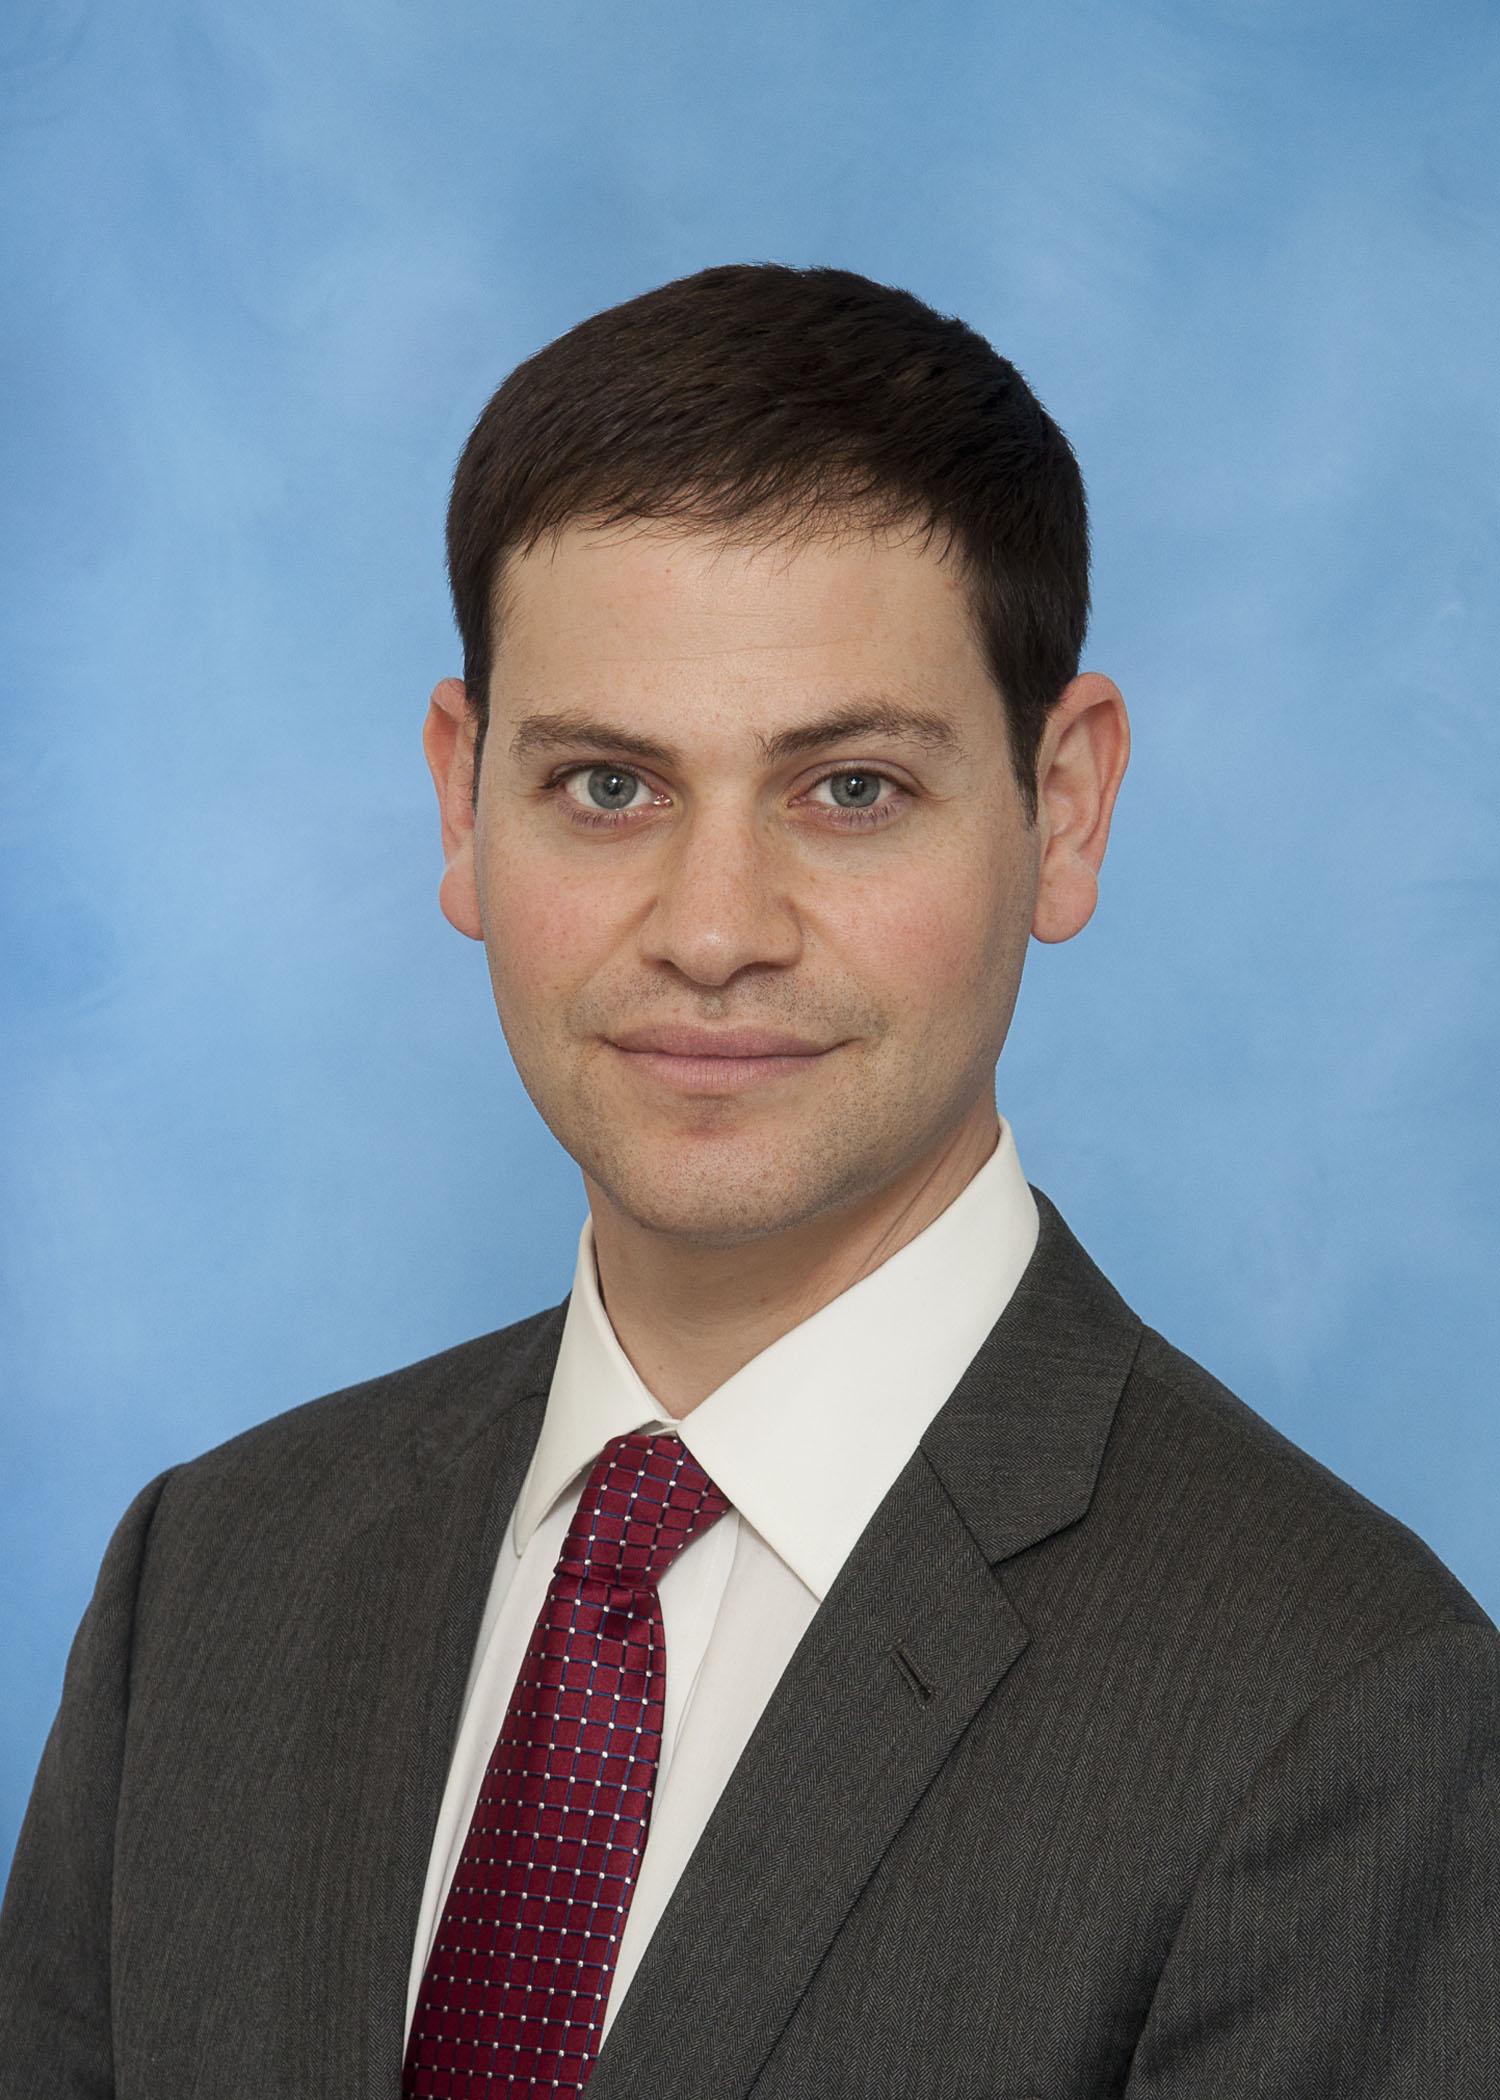 Daniel Orringer, M.D.